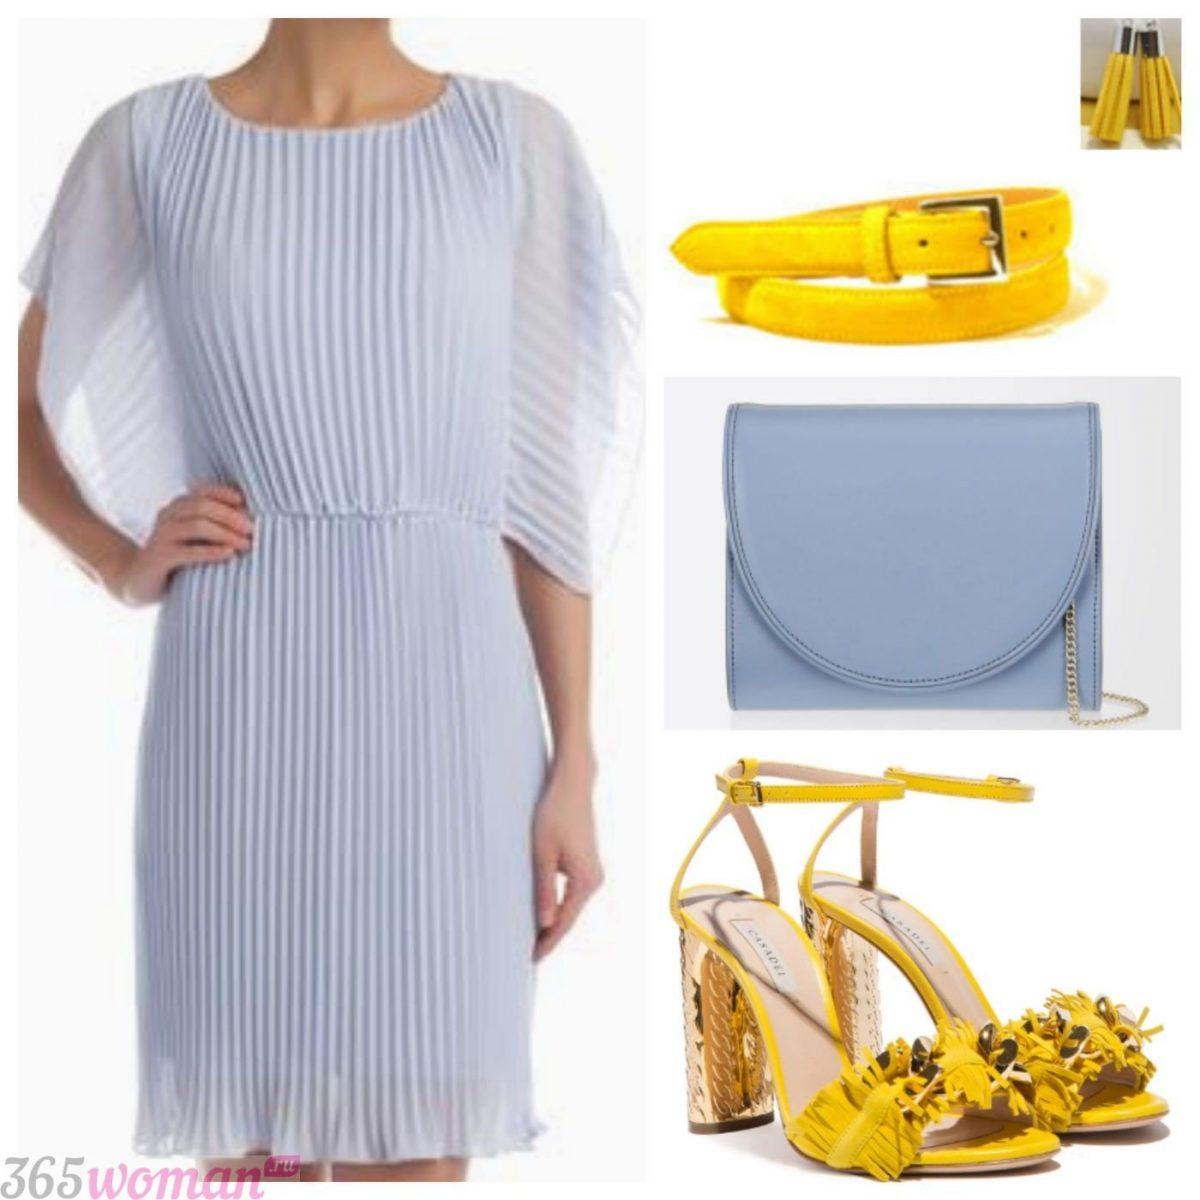 в каком цвете встречать новый год: серое платье с желтыми аксессуарами